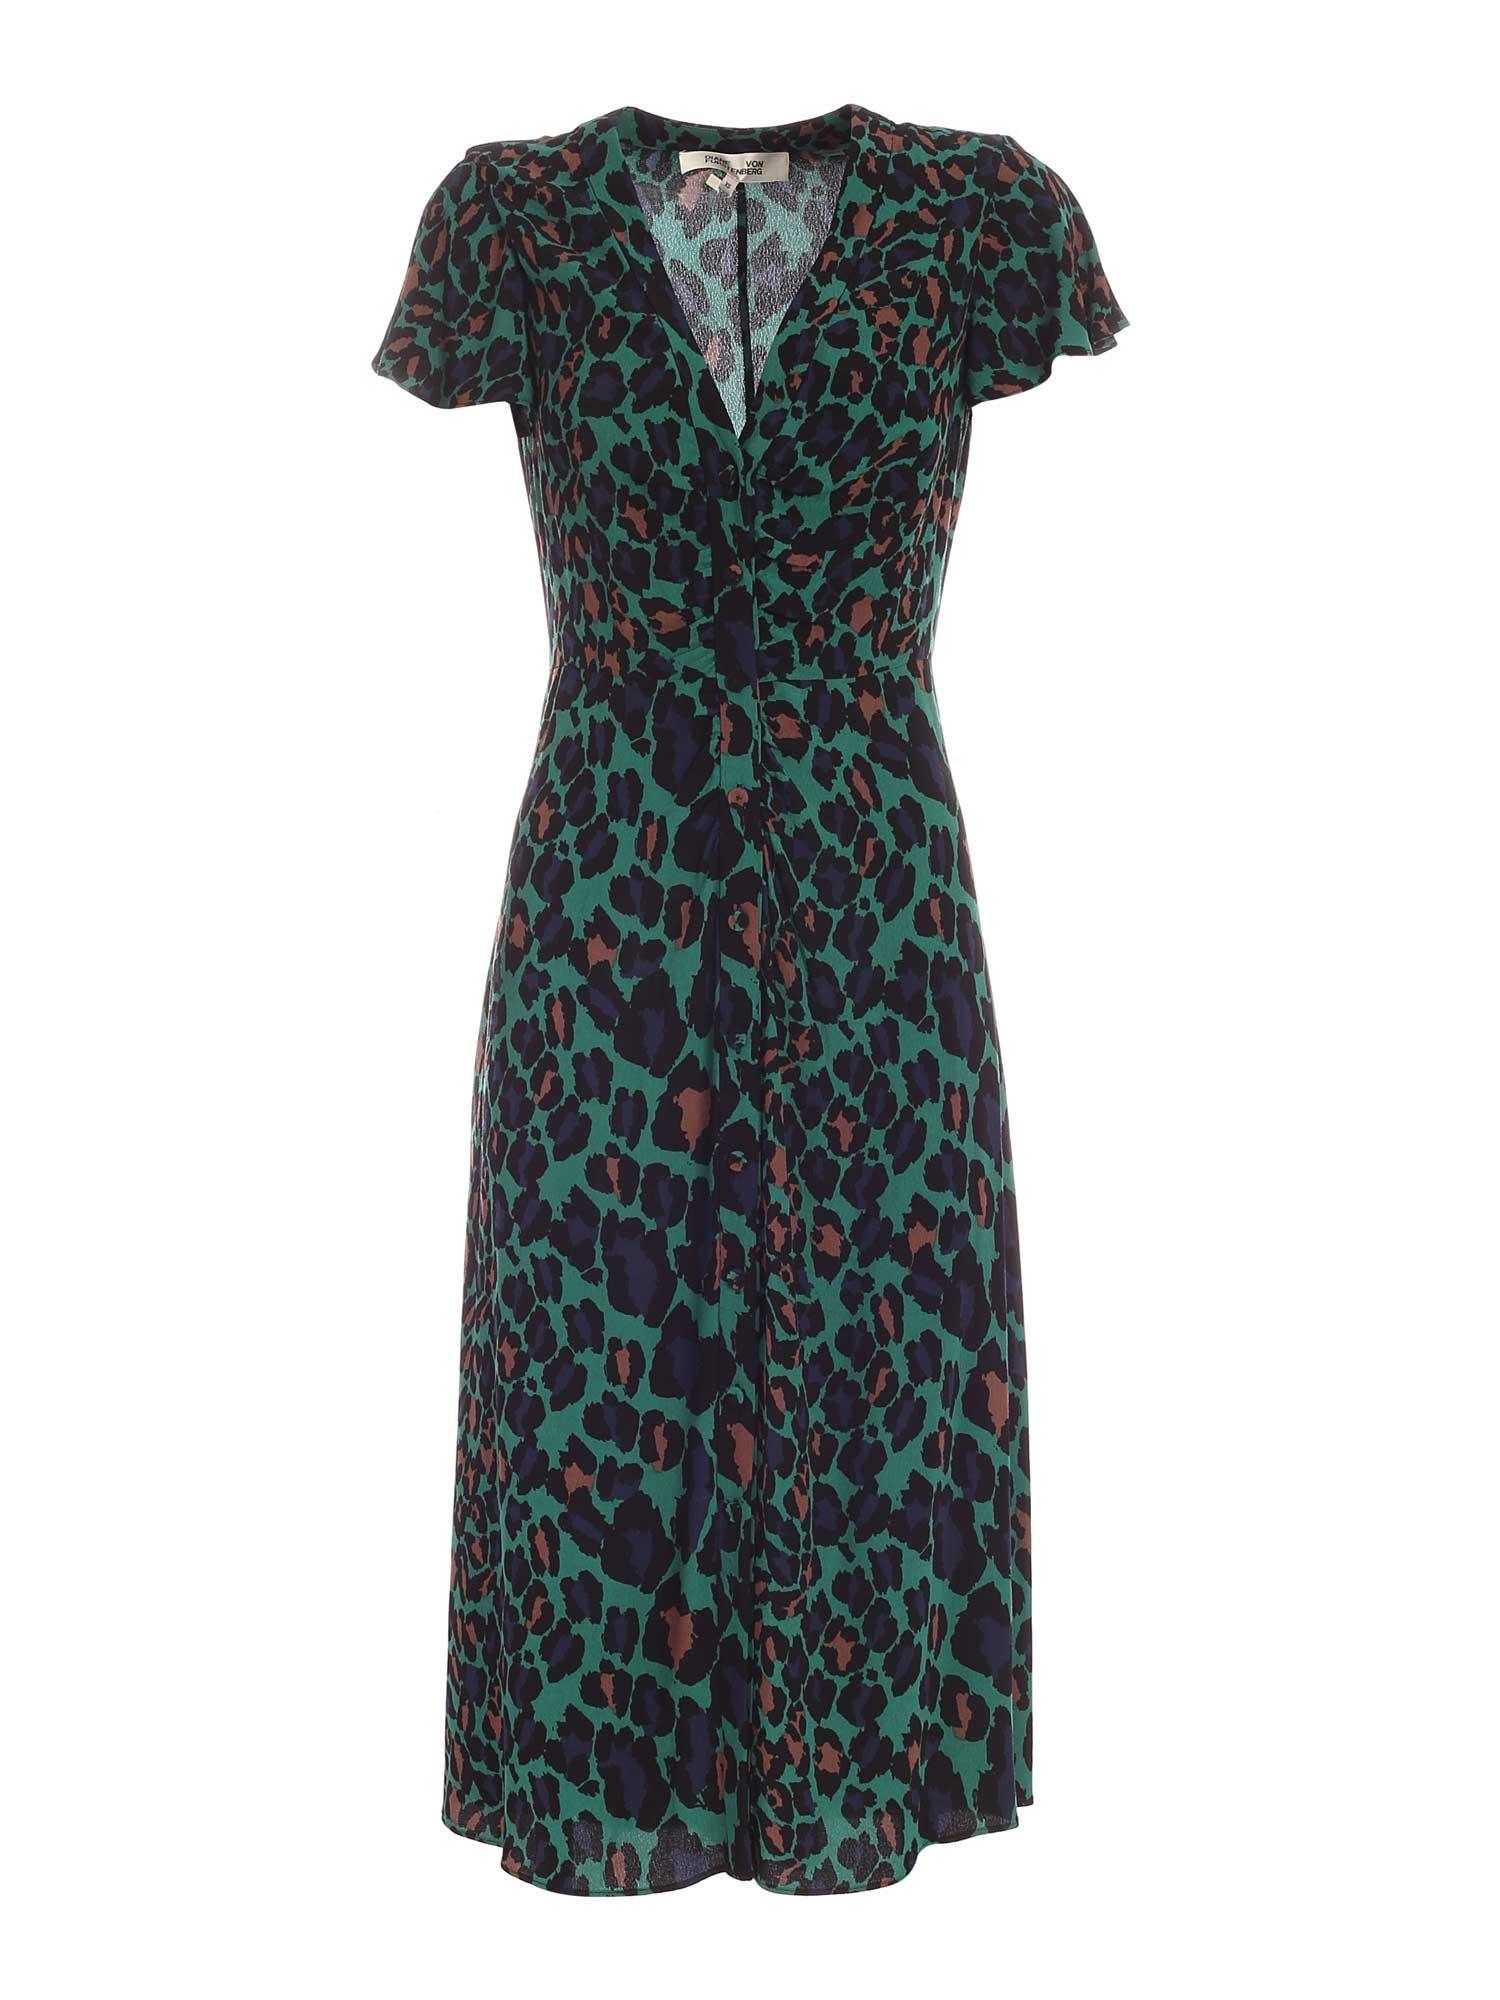 Diane Von Furstenberg – Dress